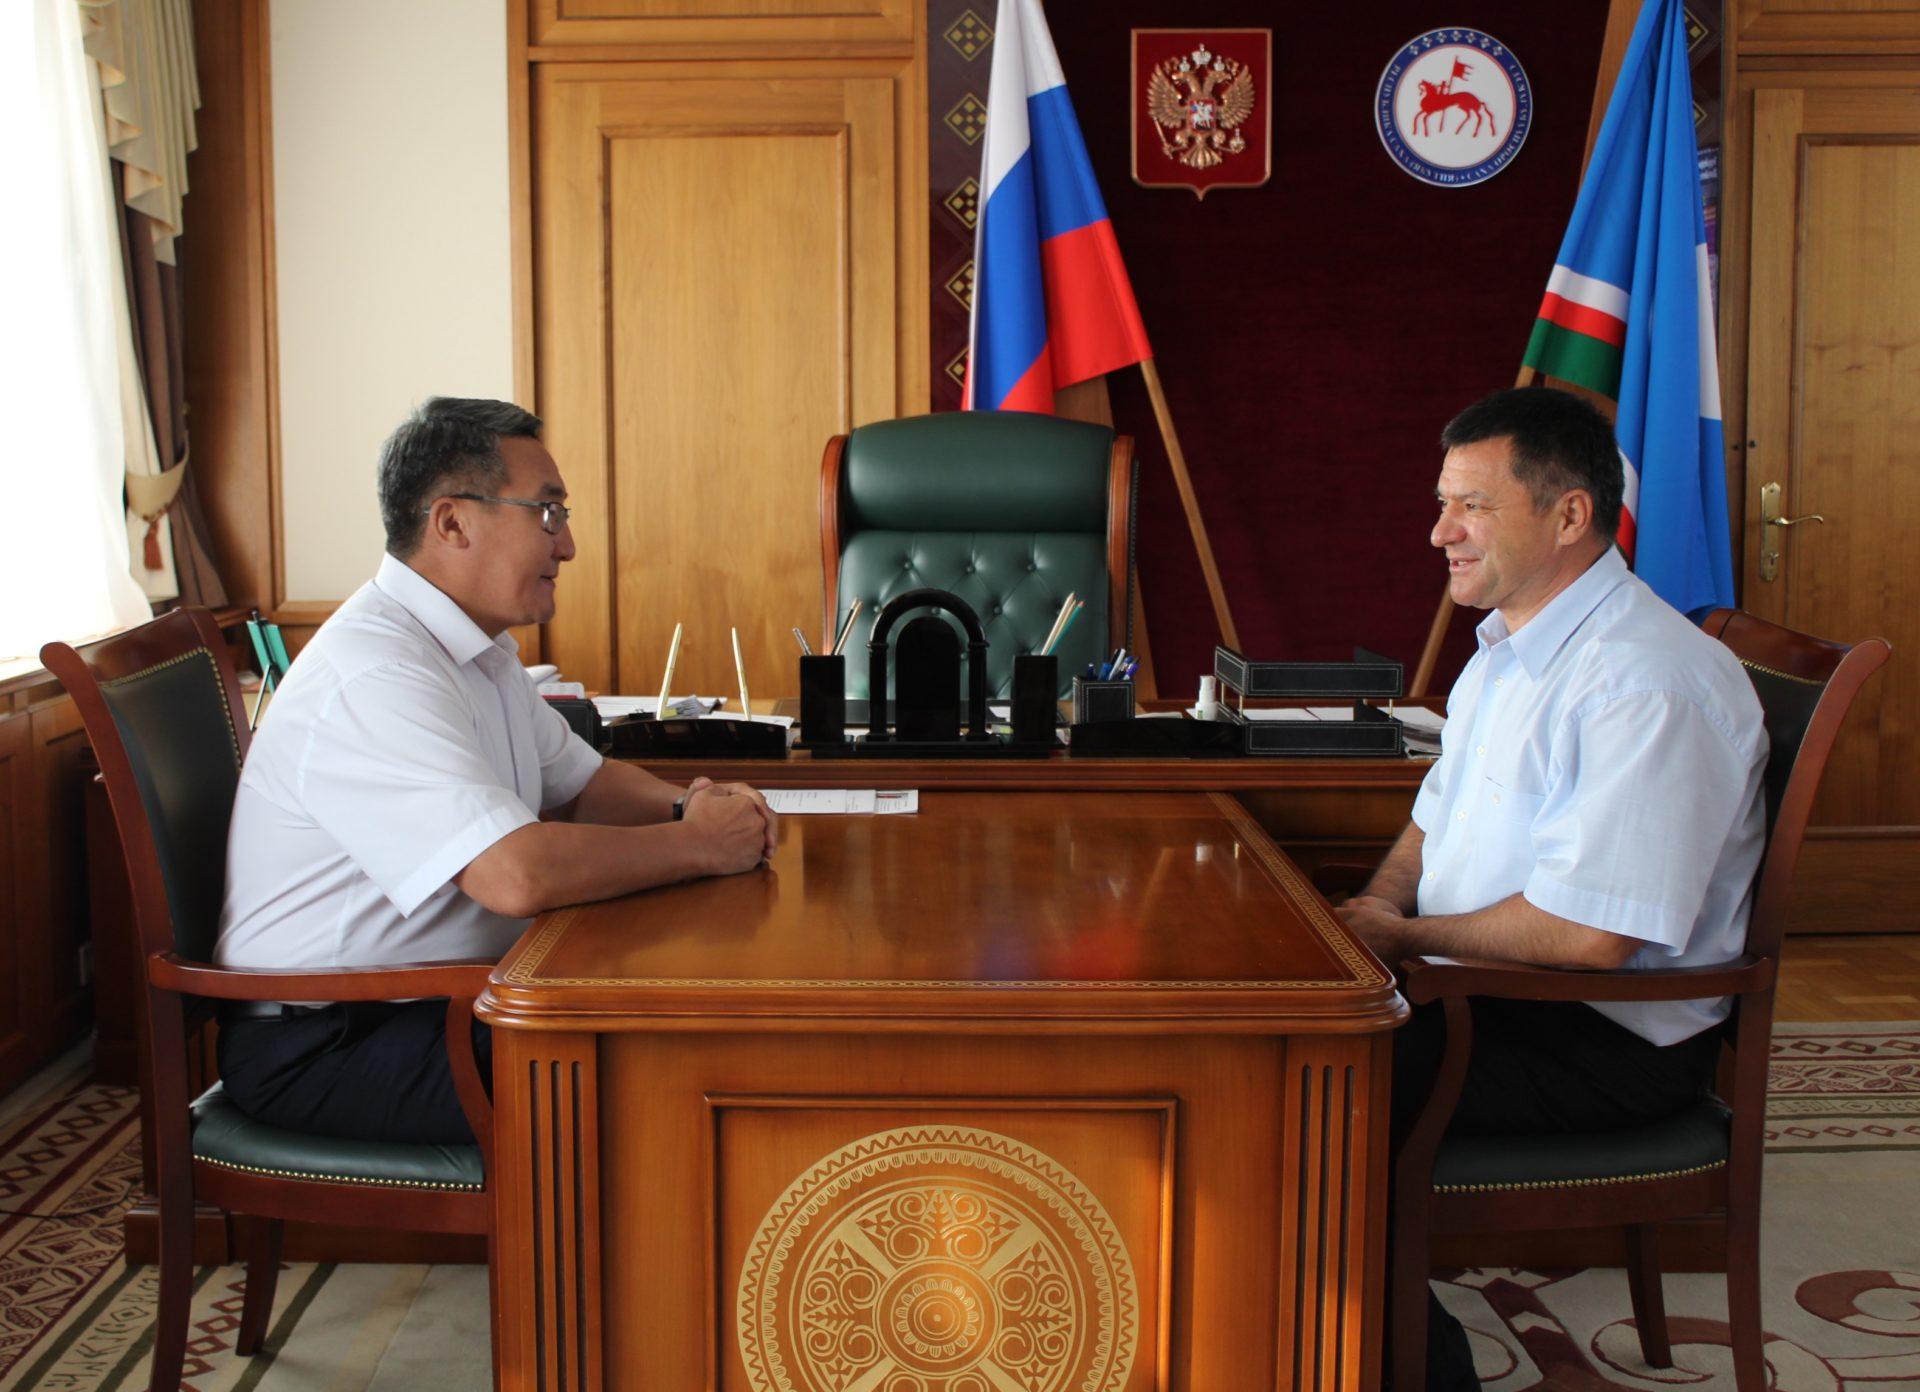 Петр Гоголев провел встречу с и.о. премьер-министра Якутии Андреем Тарасенко